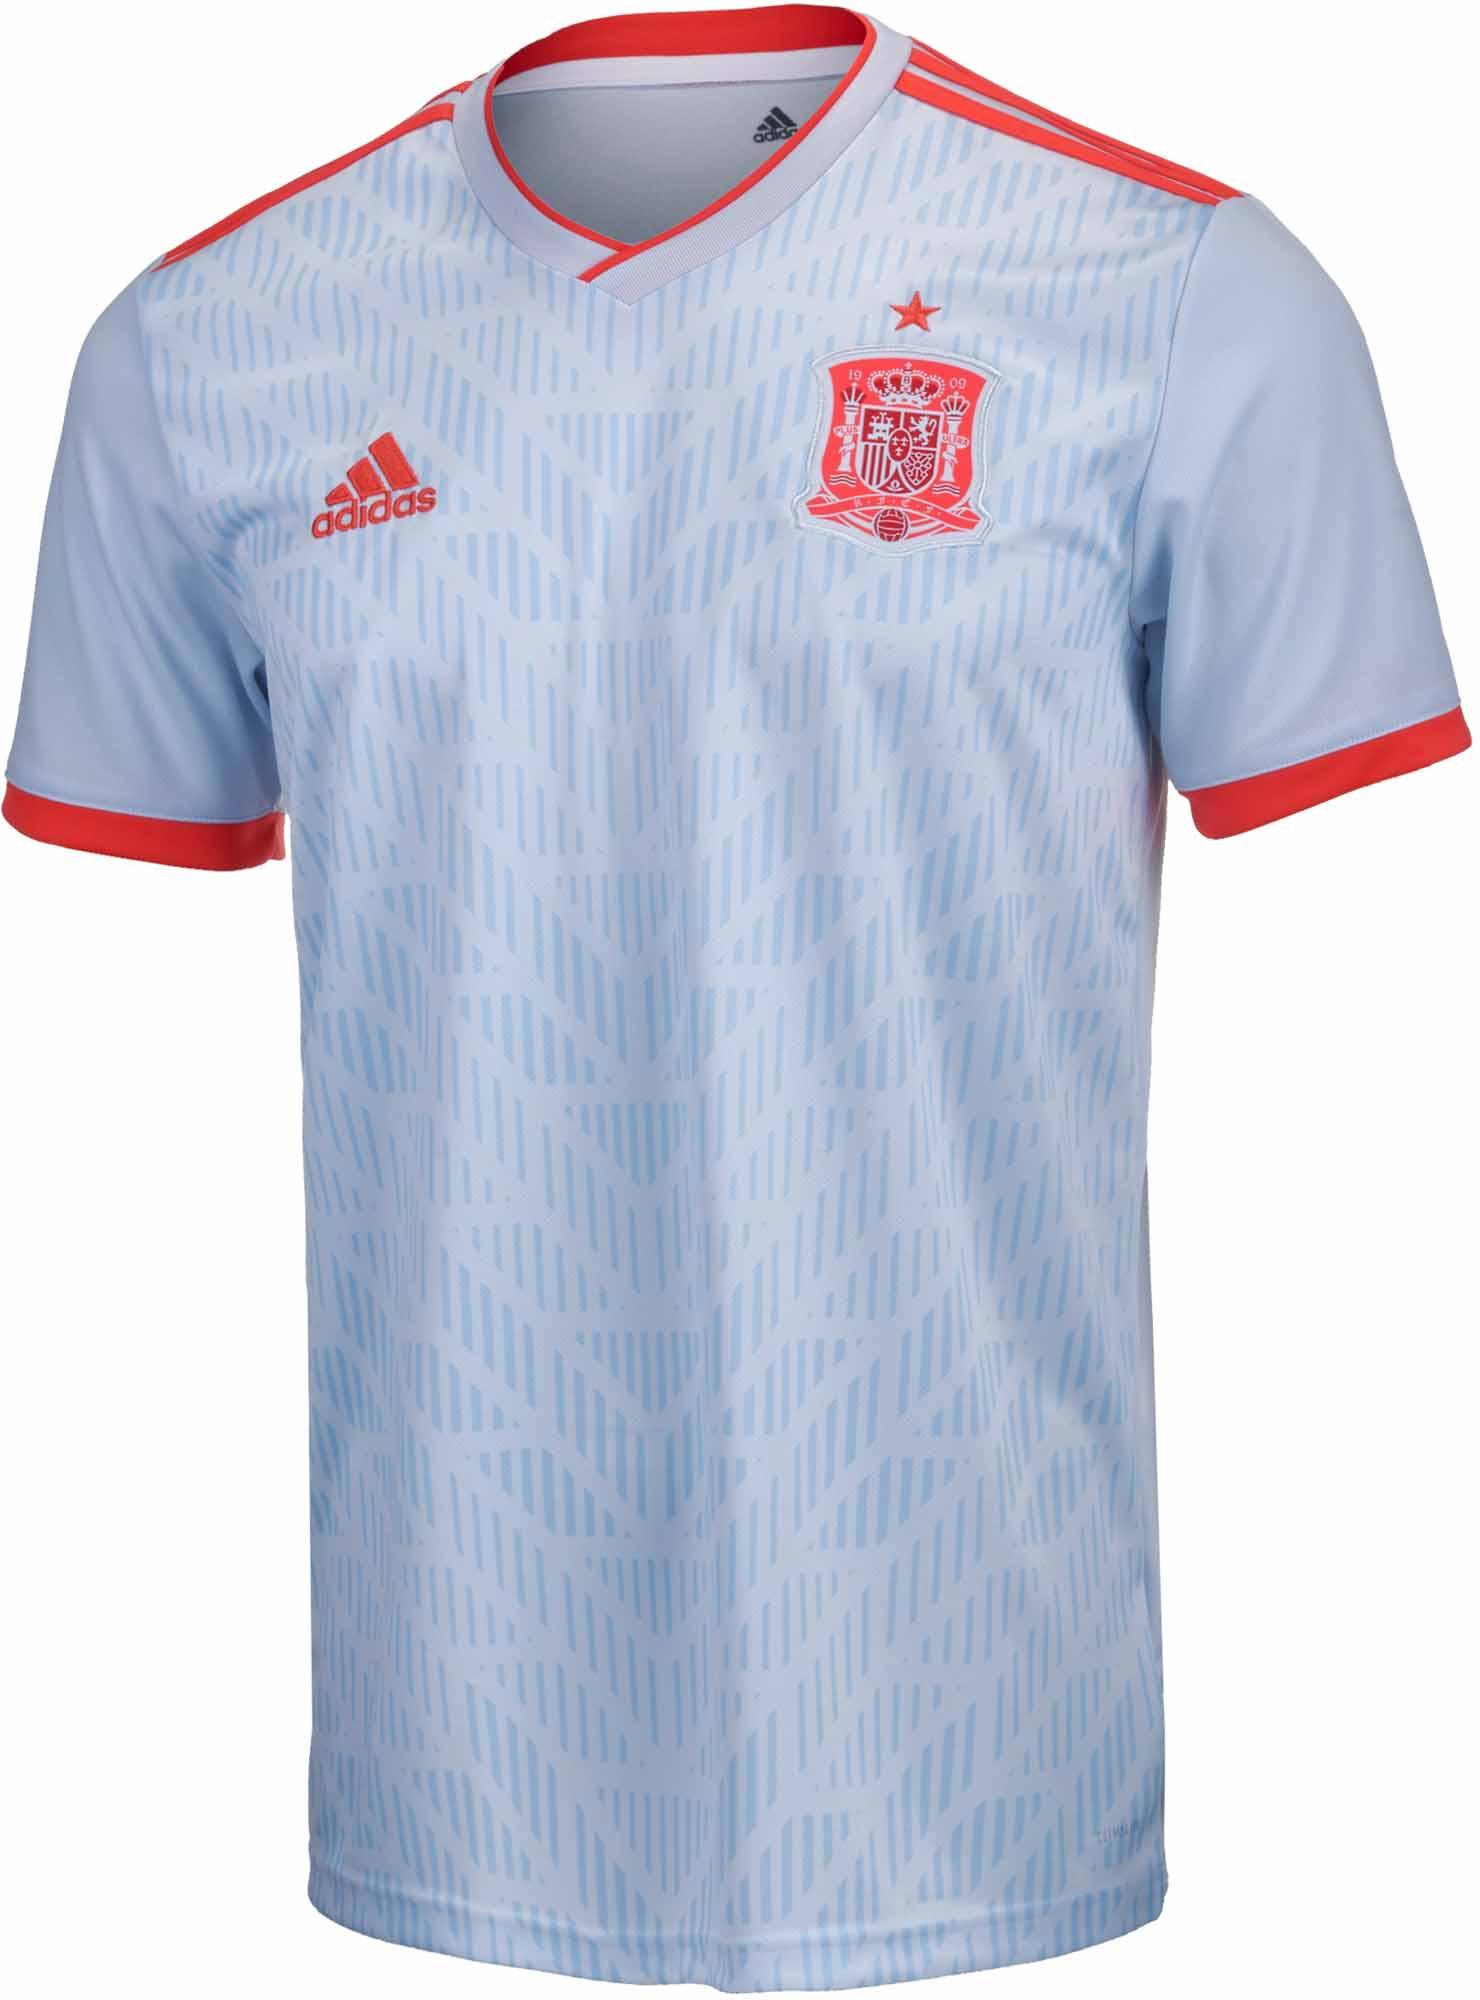 874a58ec2 2018/19 Kids adidas Spain Away Jersey - Soccer Master